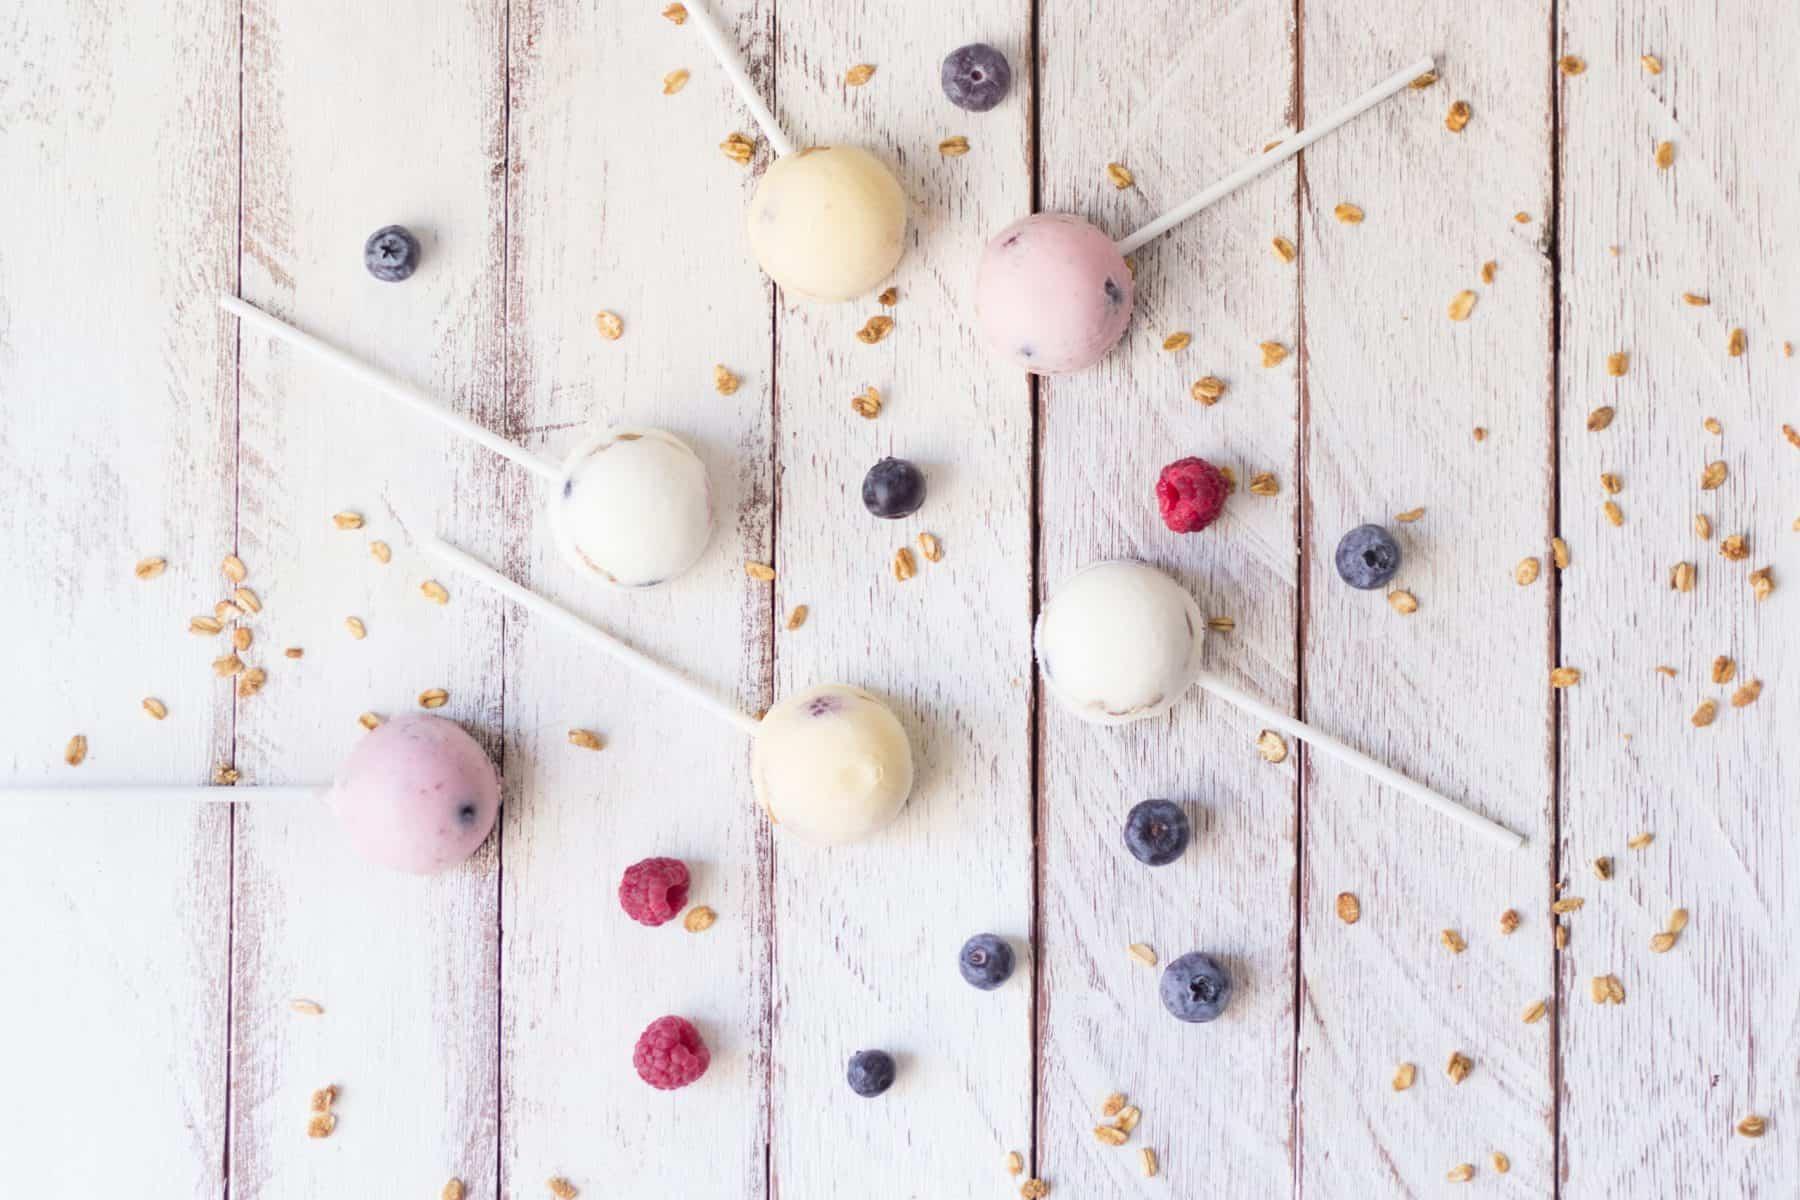 Chupa-chupas de fruta e iogurte